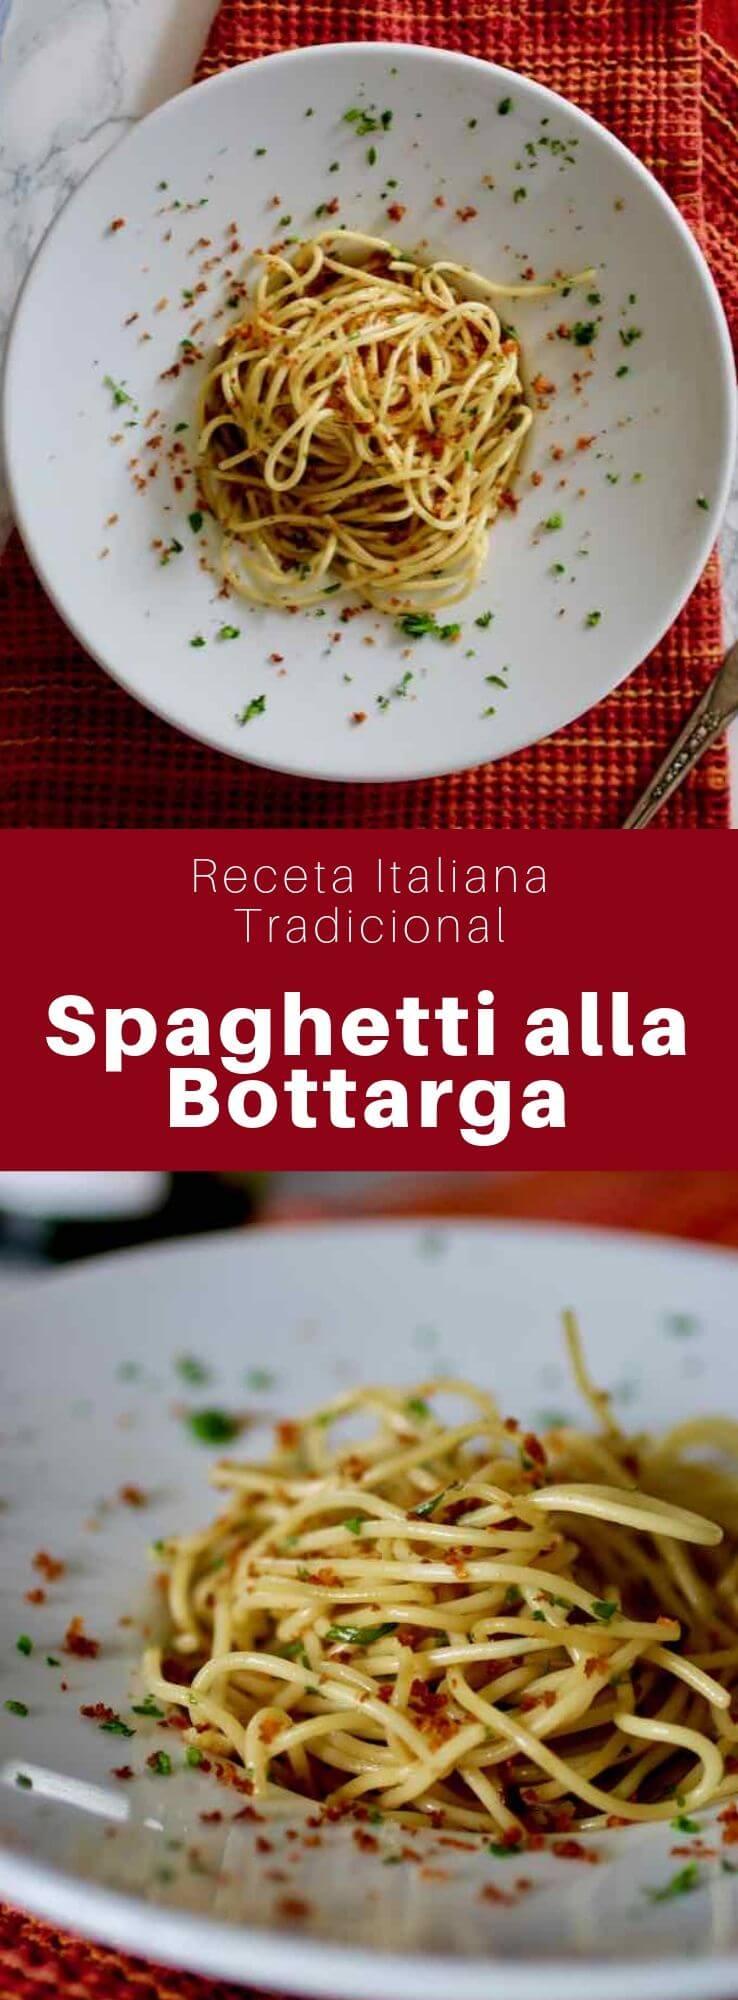 El spaghetti alla bottarga es un plato típico de pasta italiana que se sirve con huevas de pescado curadas y saladas llamadas bottarga.